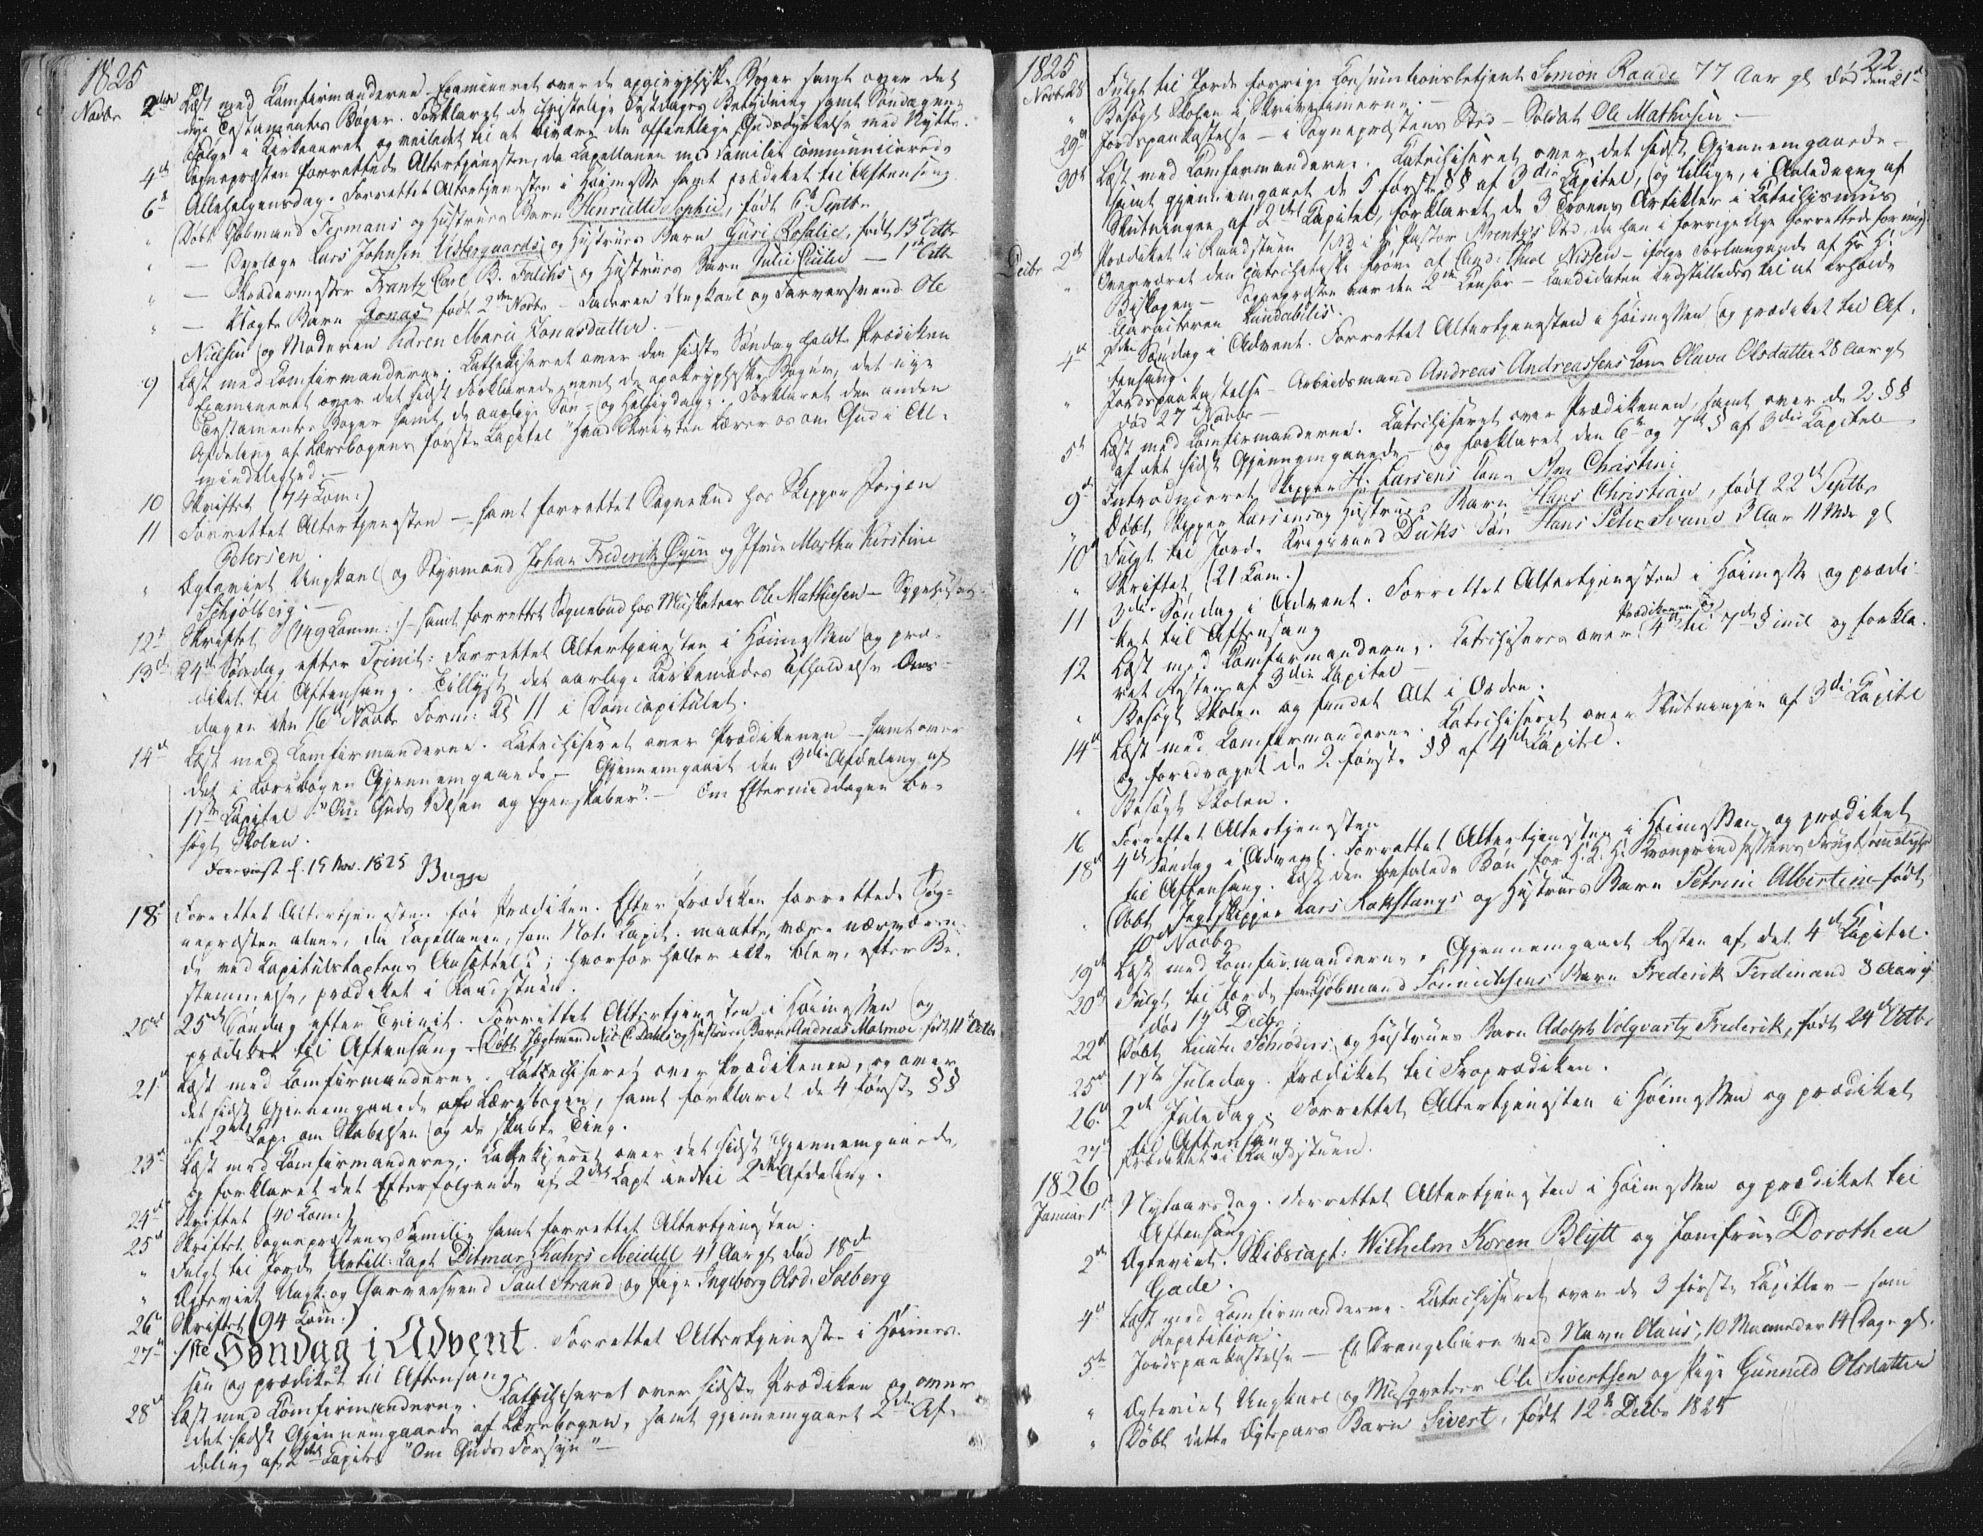 SAT, Ministerialprotokoller, klokkerbøker og fødselsregistre - Sør-Trøndelag, 602/L0127: Residerende kapellans bok nr. 602B01, 1821-1875, s. 22